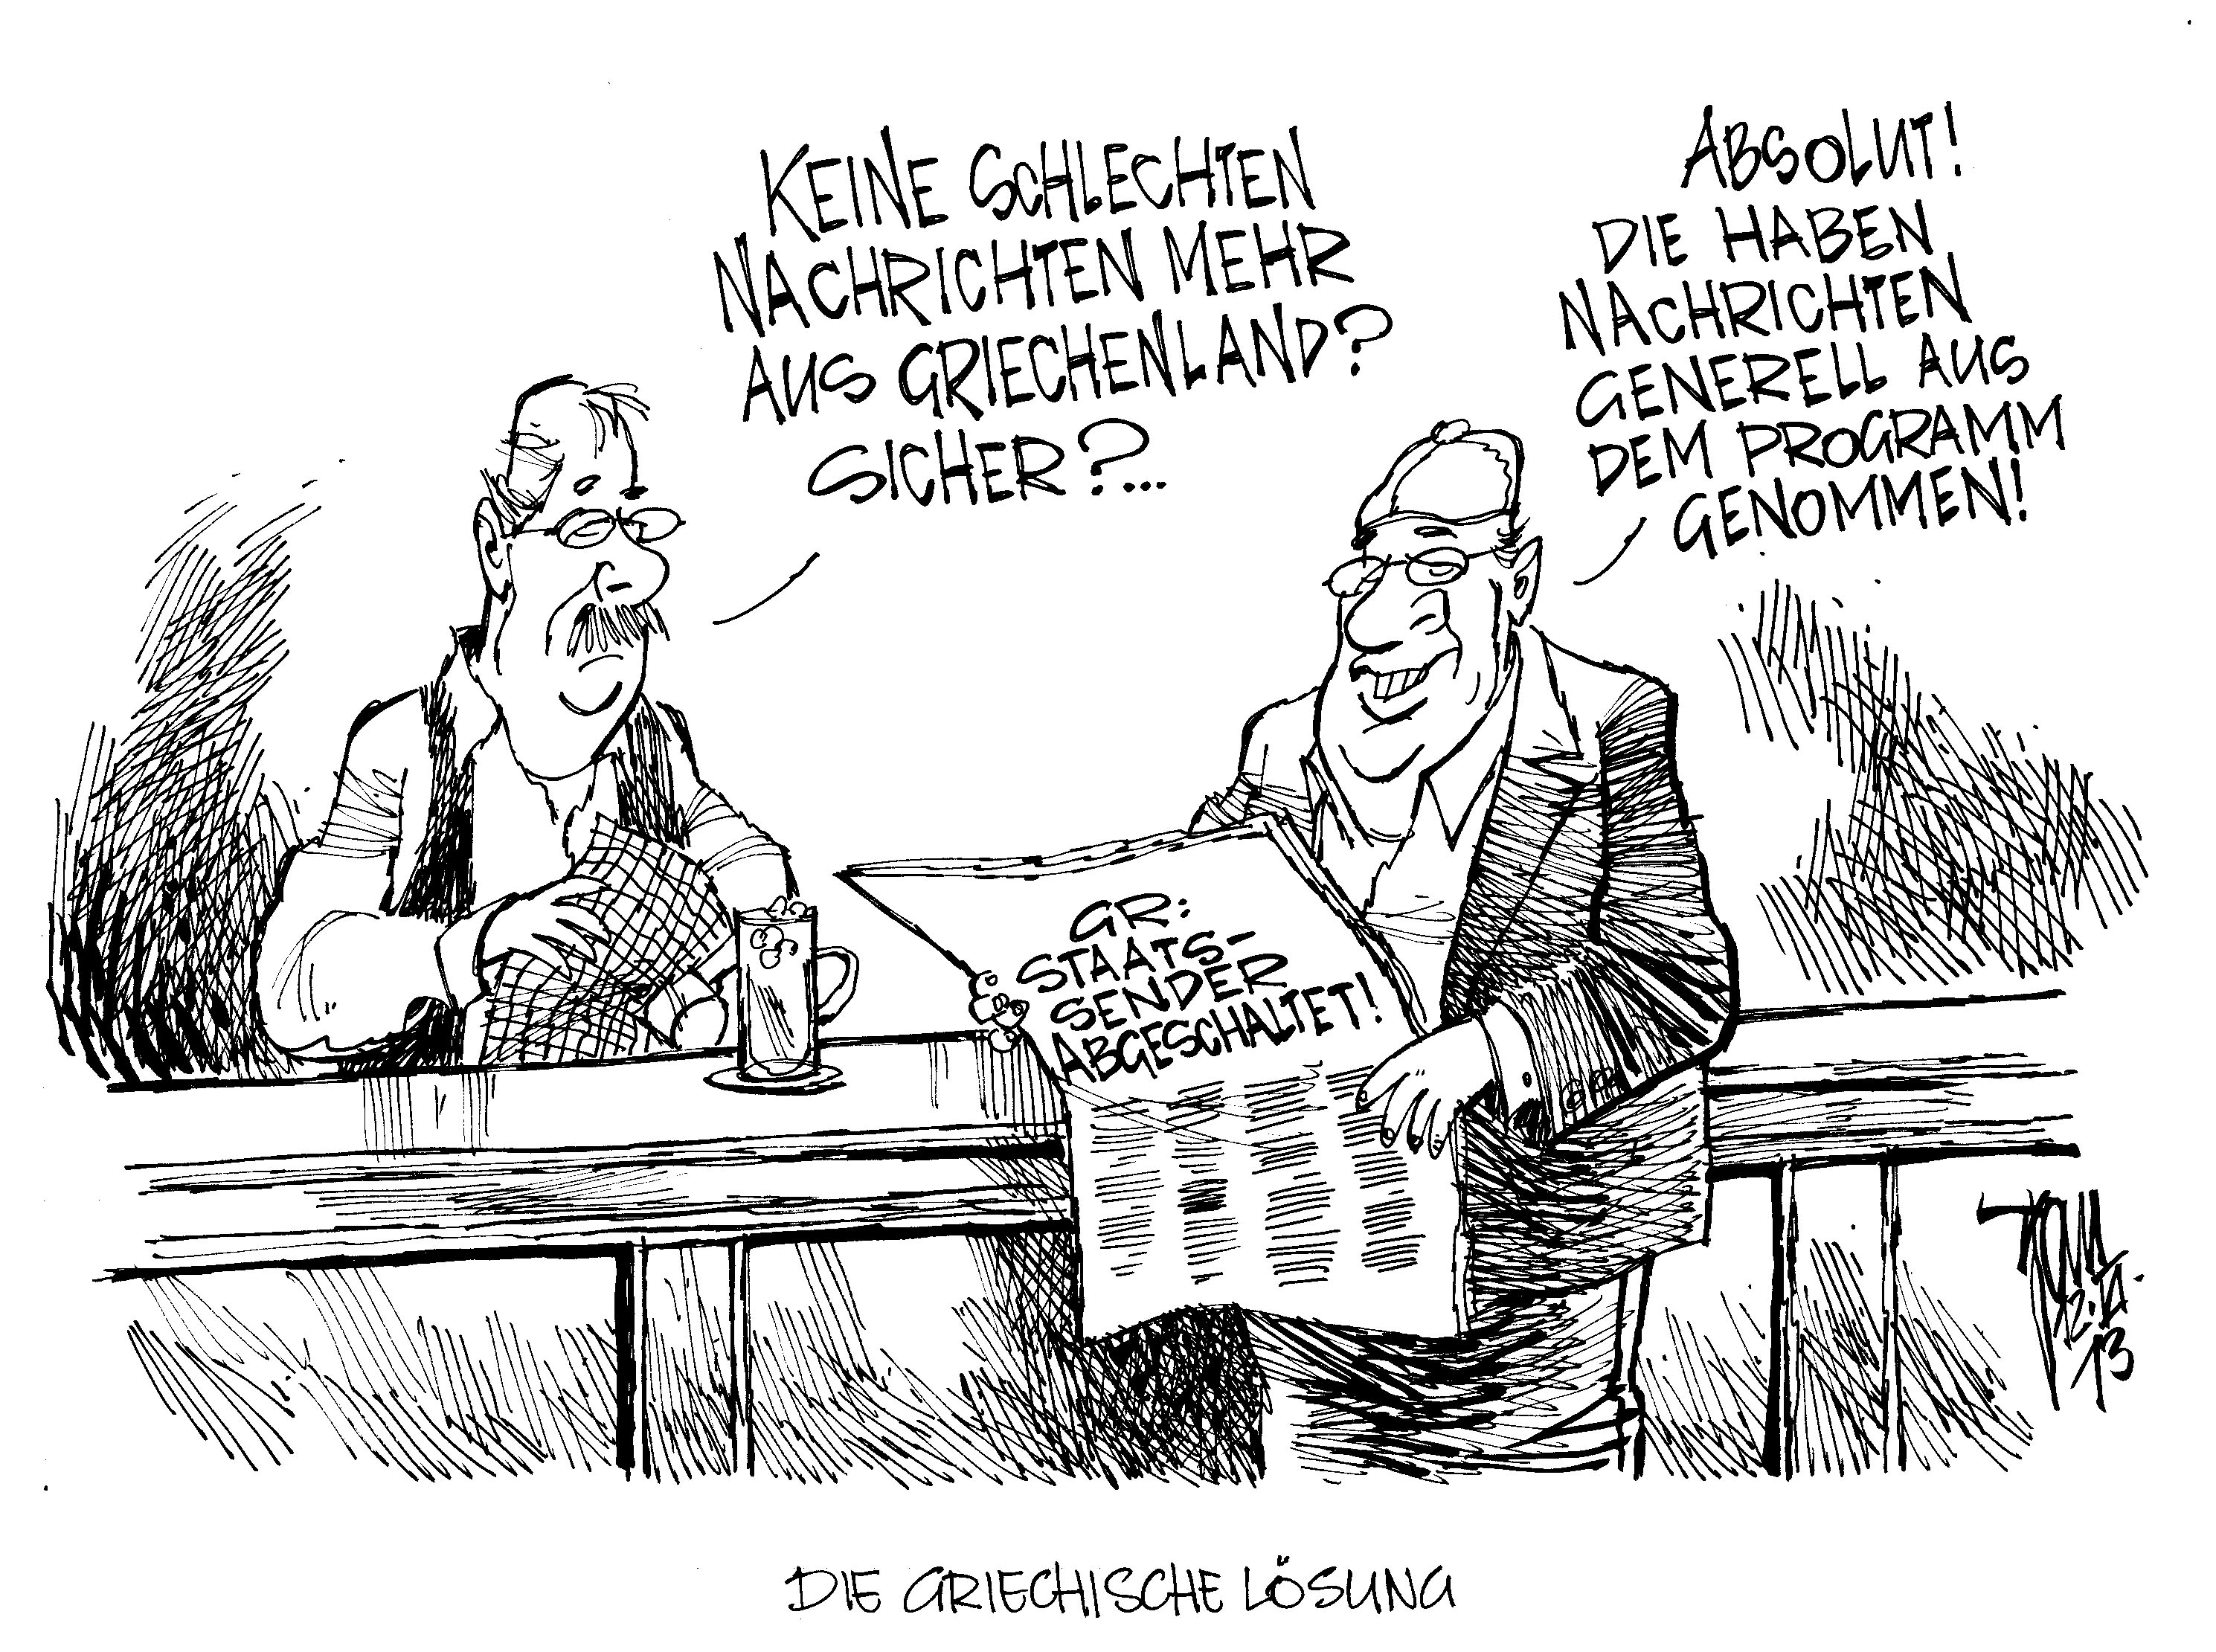 Karikatur Krise Aus Dem Griechischen Junger Jpg Pictures to pin on ...